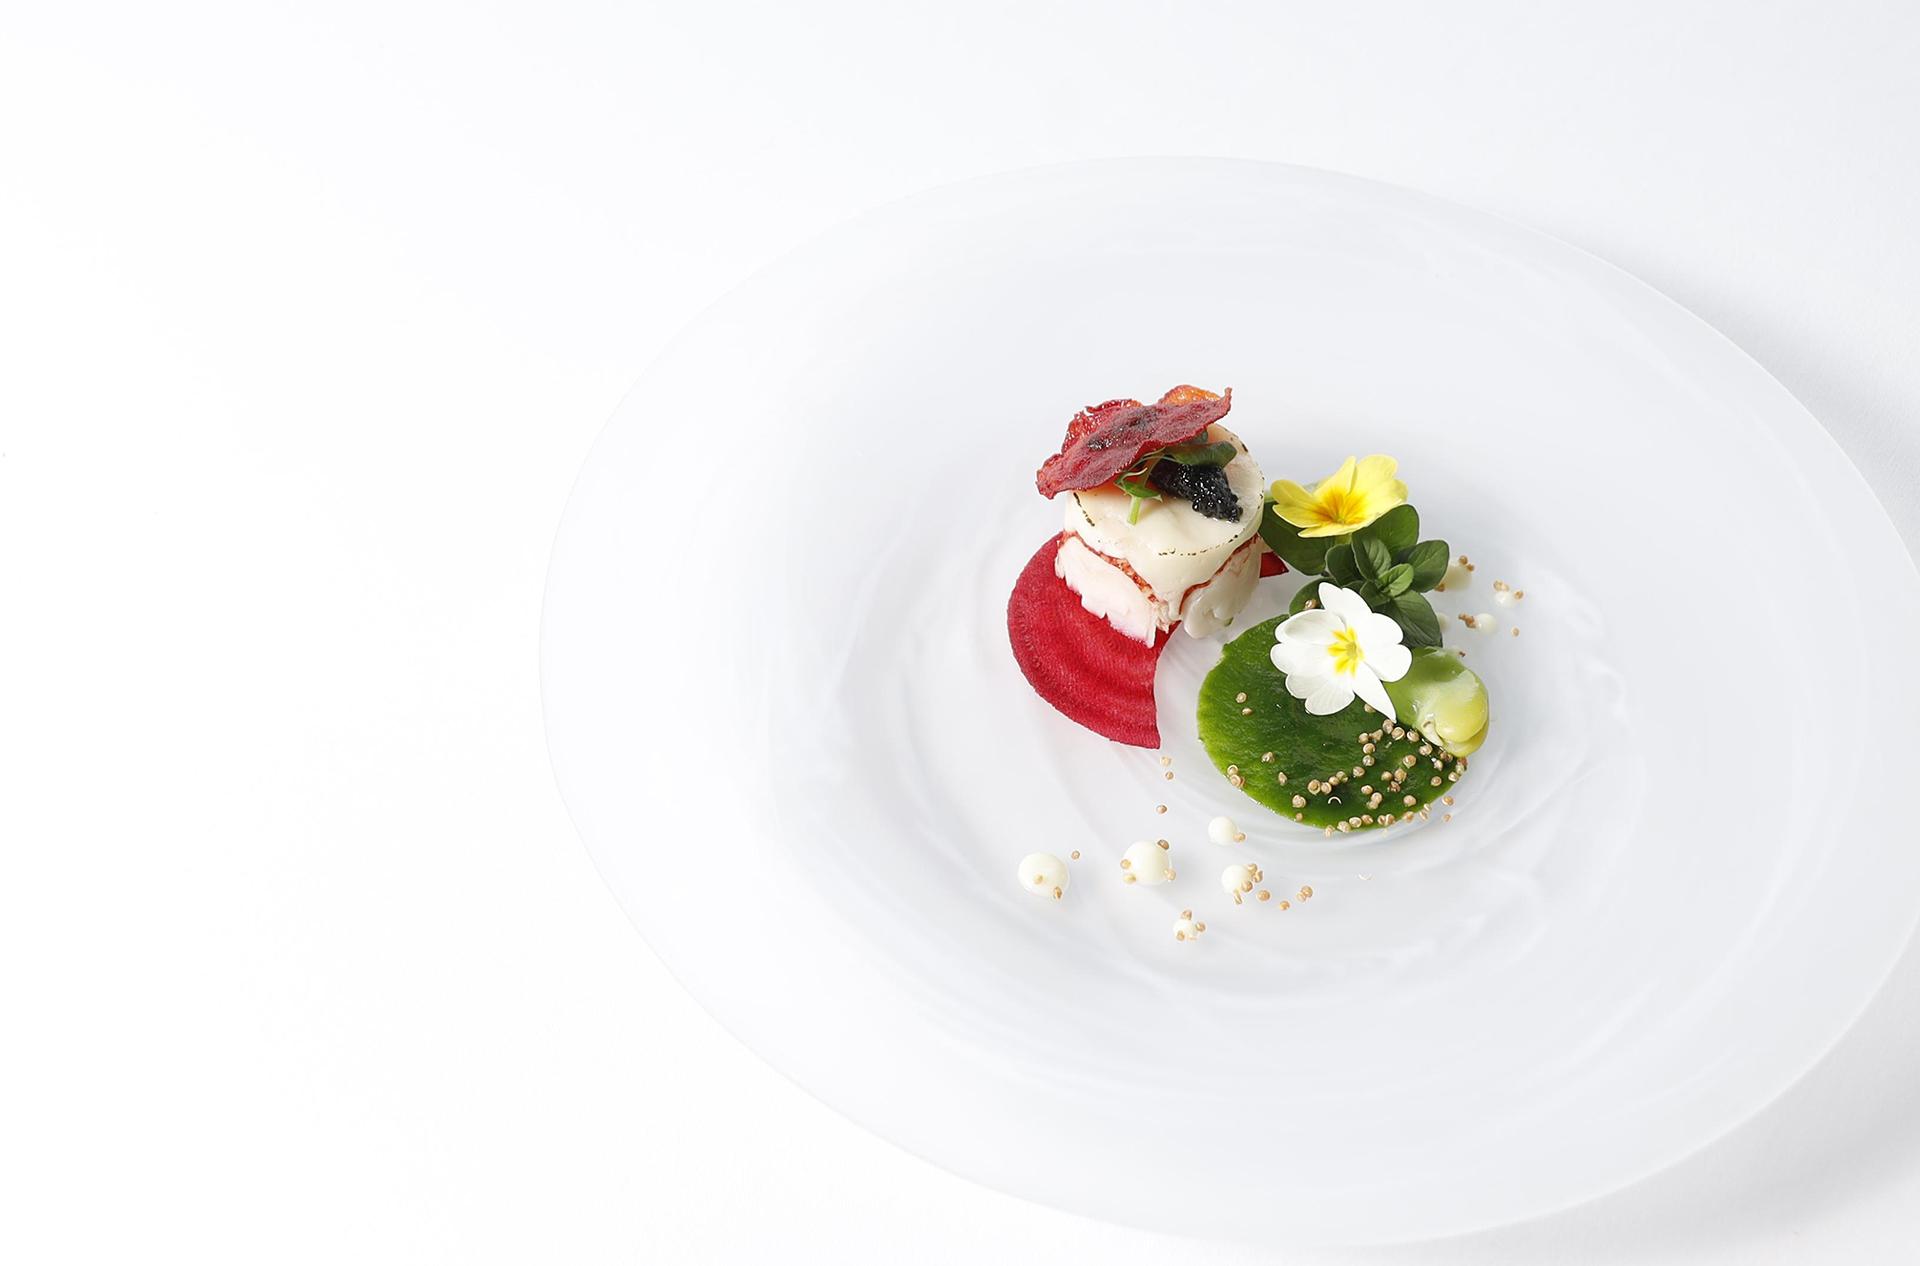 프랑스식 레스토랑 '트리아논'